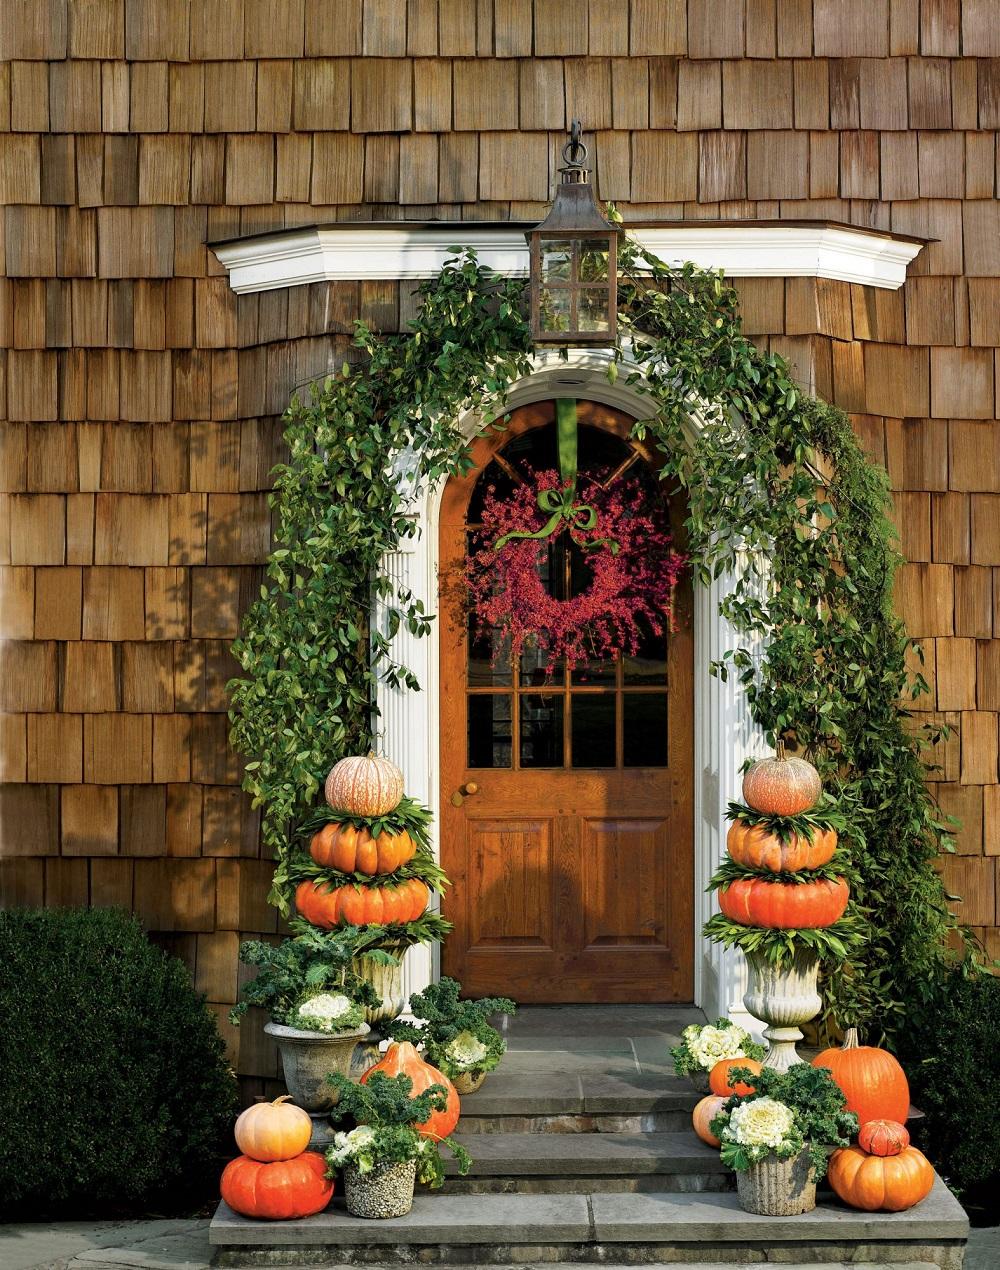 t3-62 Idées de décoration de Thanksgiving qui donneront une belle apparence à votre maison